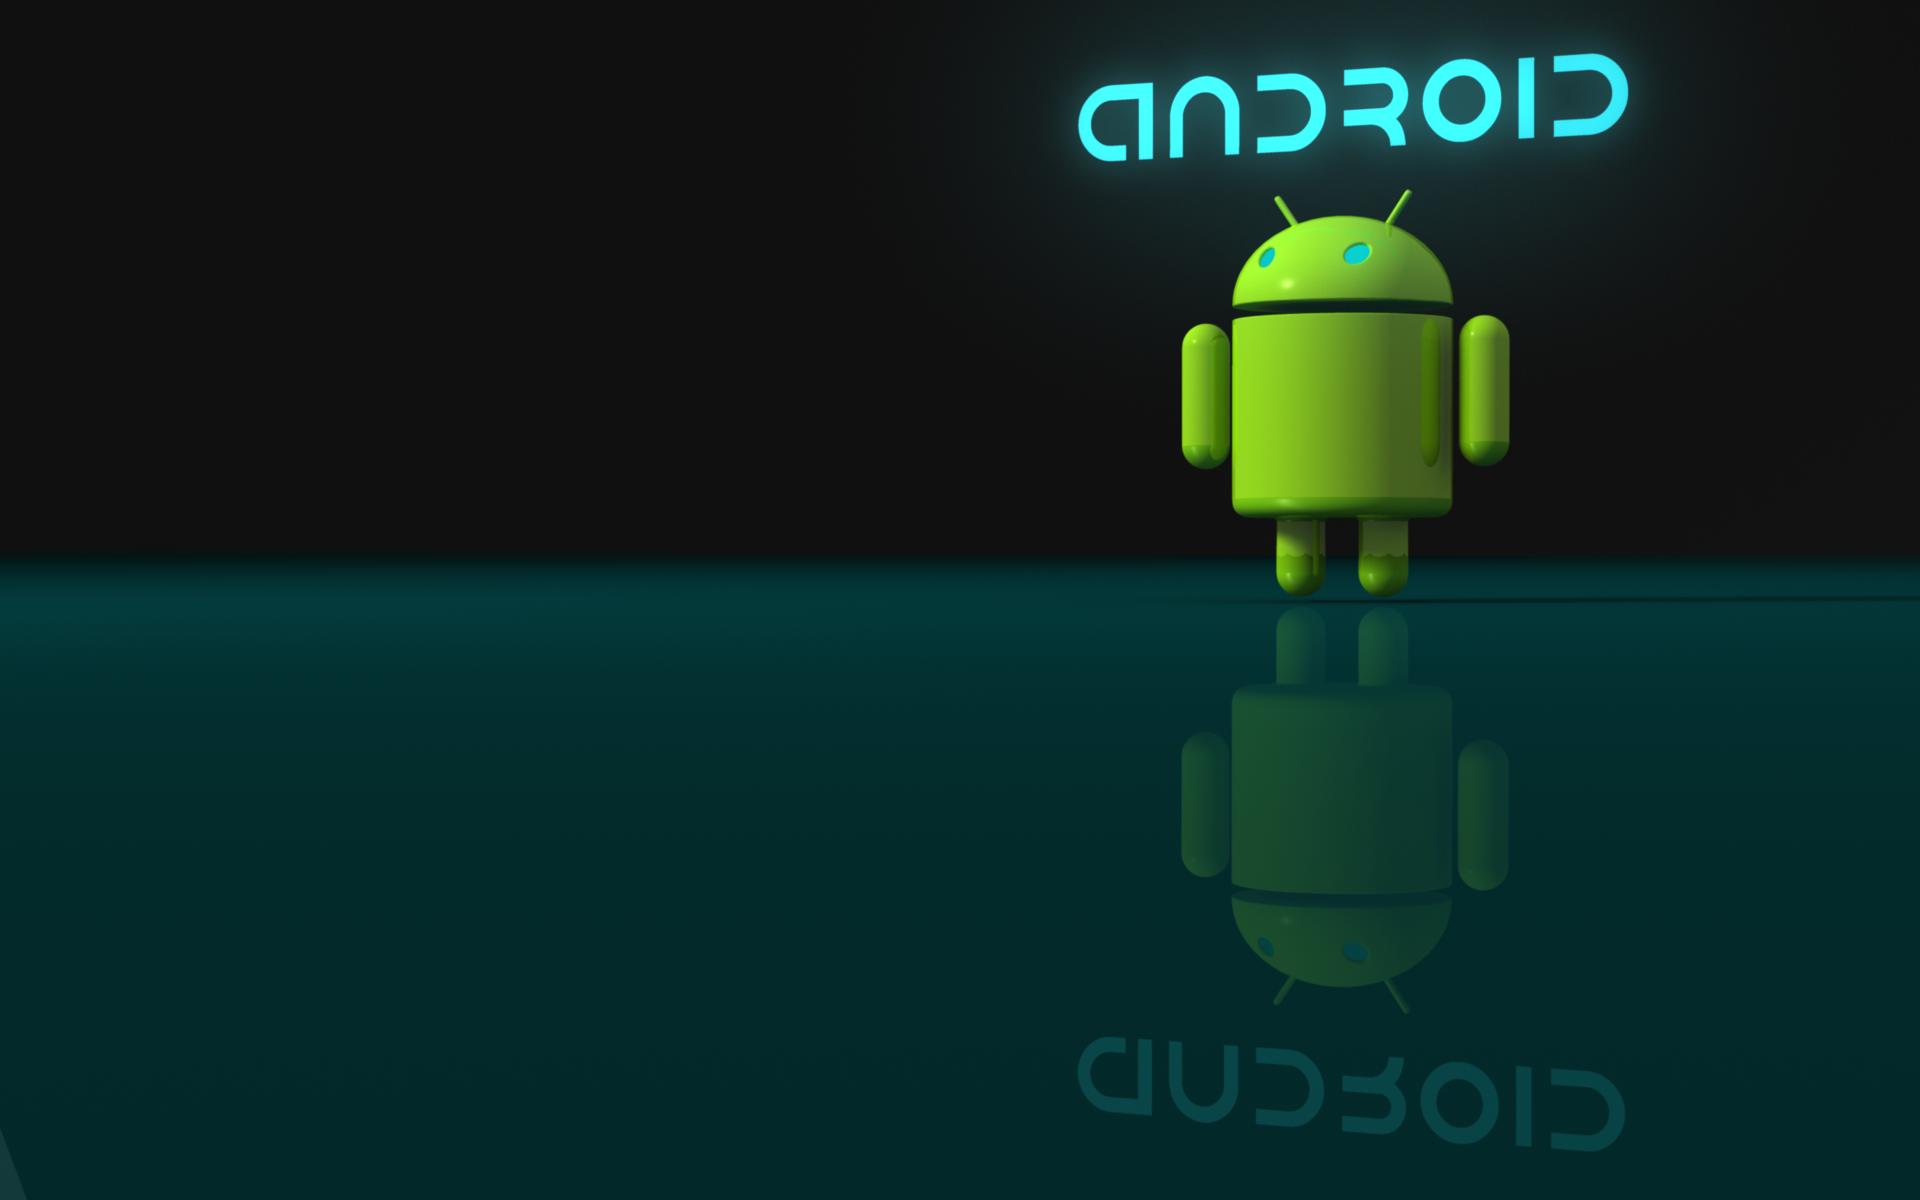 3d best android wallpaper desktop 6563 wallpaper high resolution